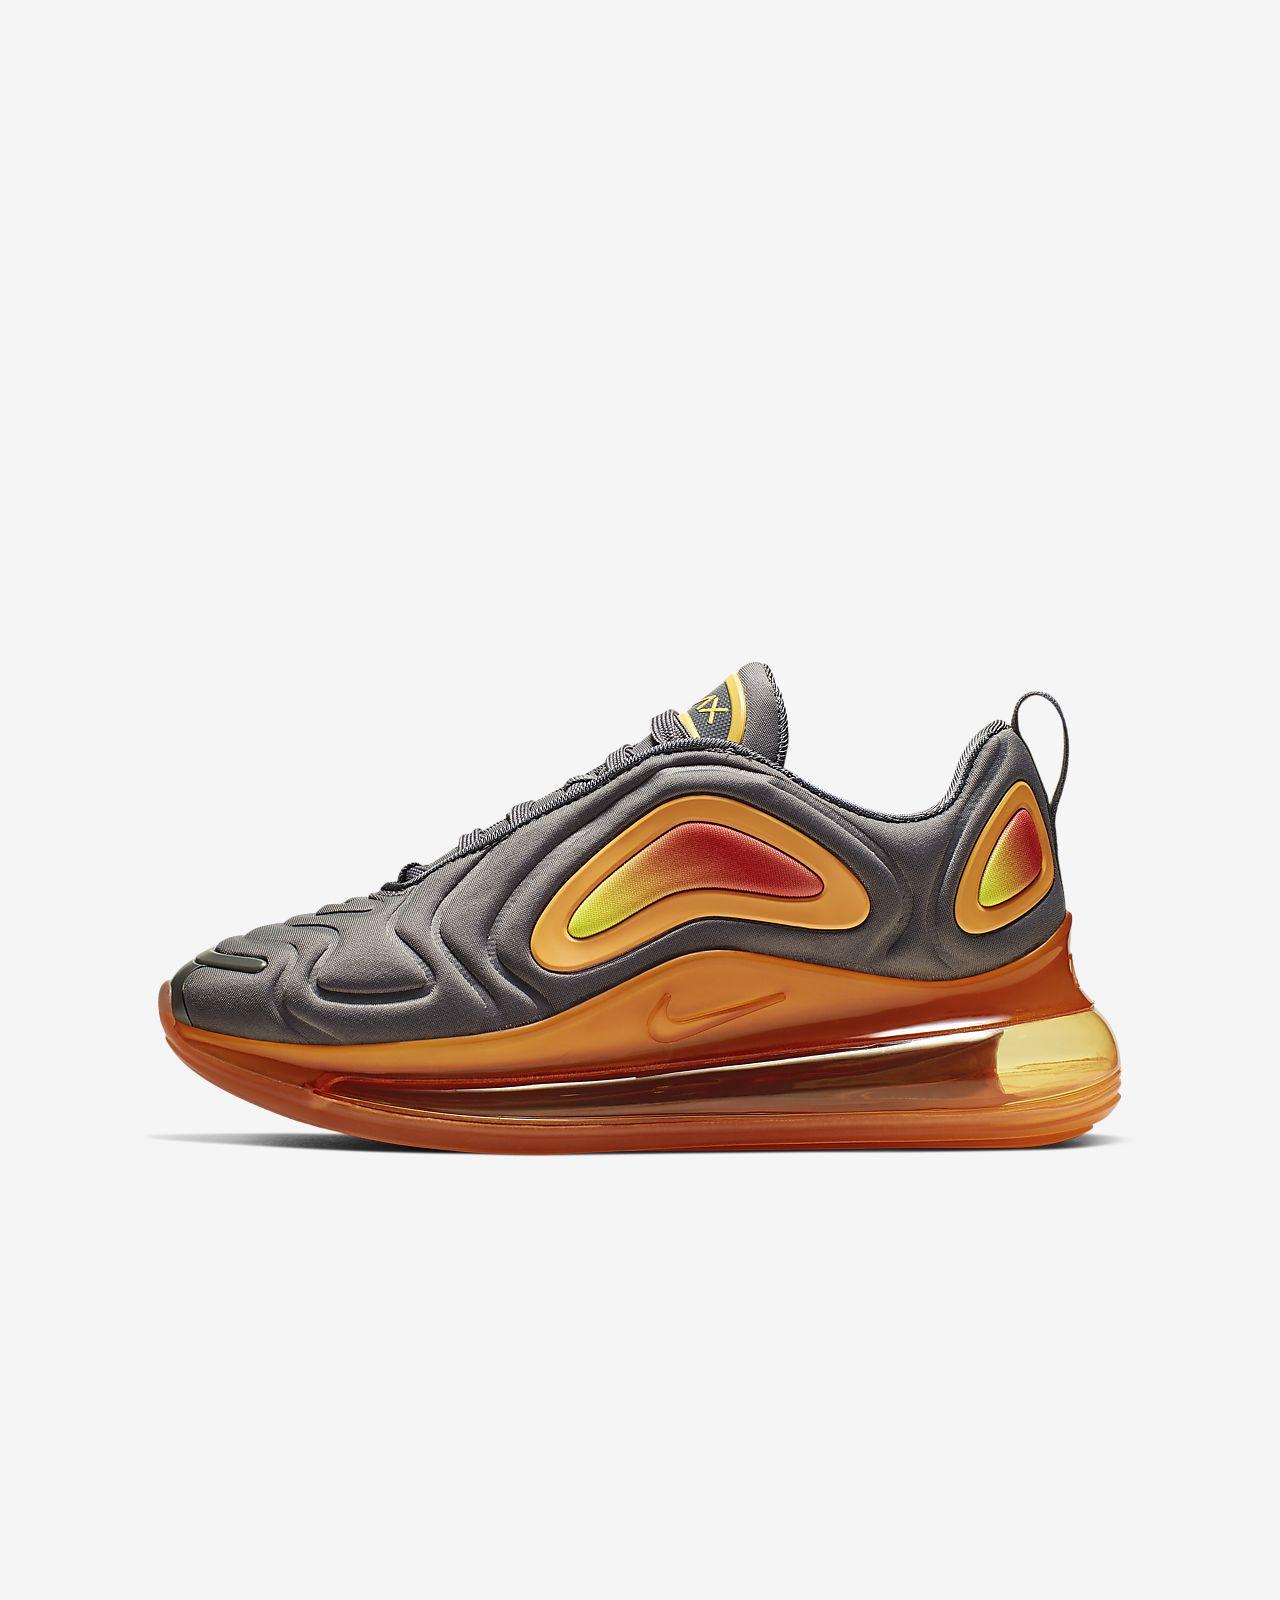 Chaussure Nike Air Max 720 Game Change pour Jeune enfant/Enfant plus âgé